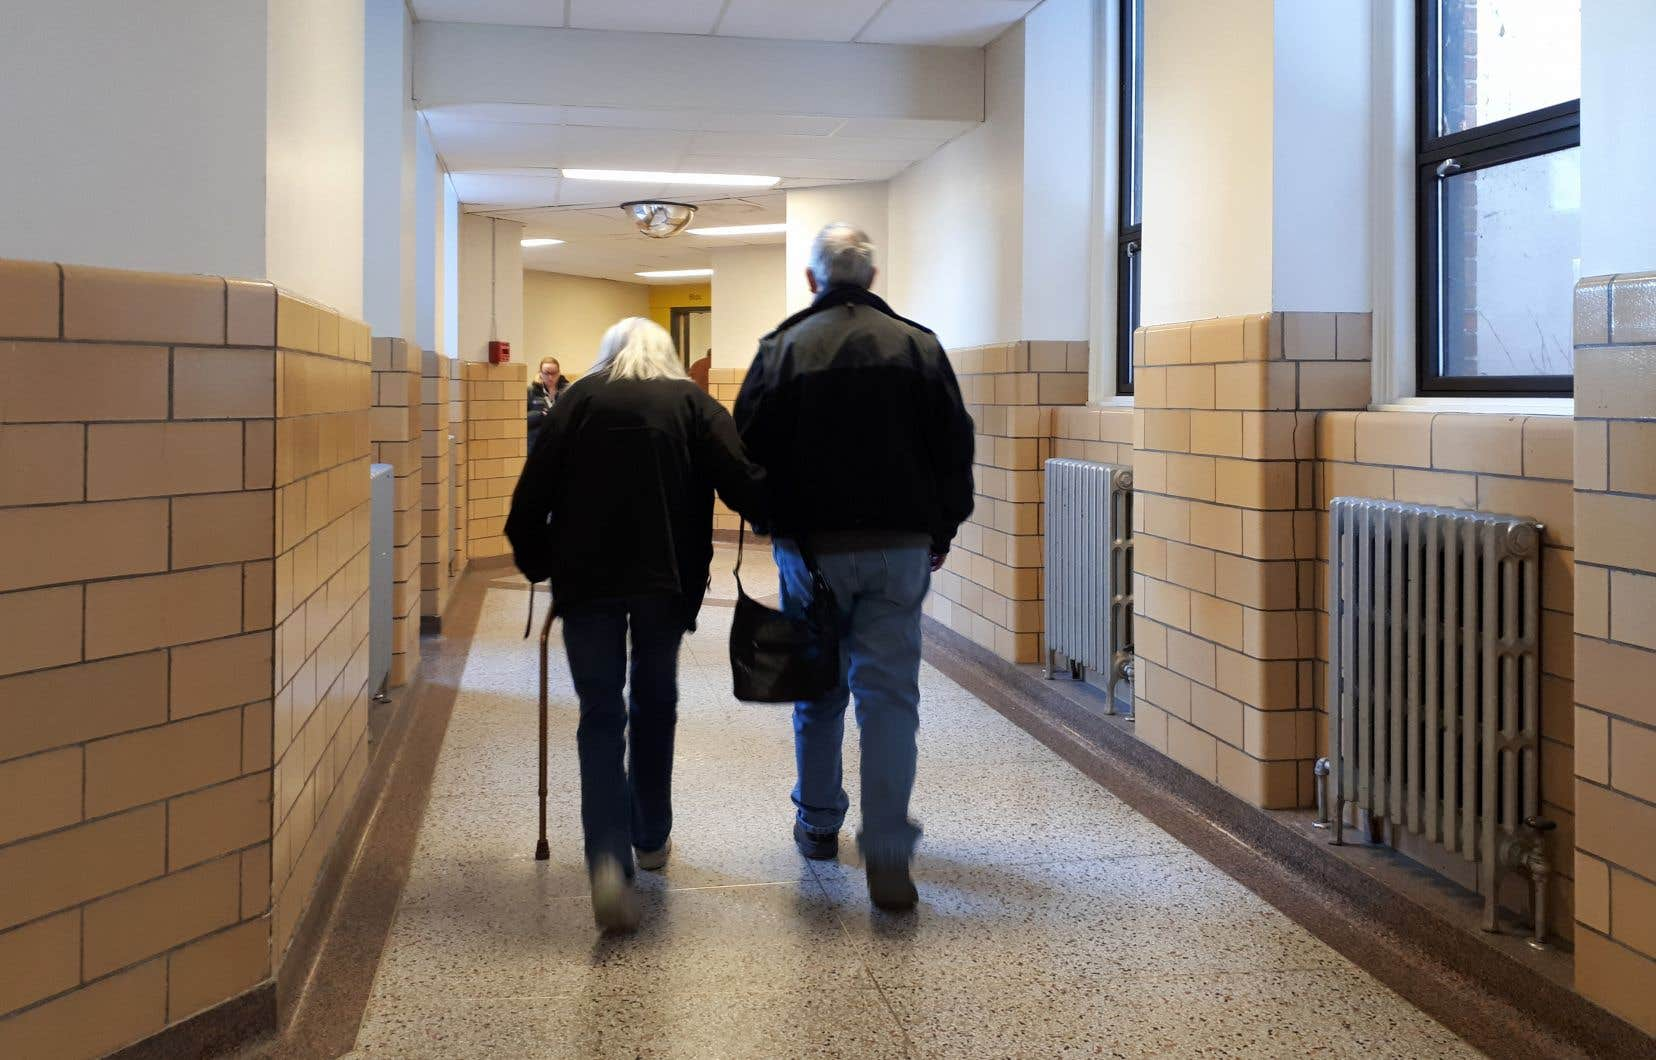 «L'assurance maladie, contrairement aux régimes de retraite gérés par l'État, n'a aucun mécanisme de capitalisation permettant d'anticiper la croissance des dépenses liées au vieillissement de la population», écrit l'auteur.